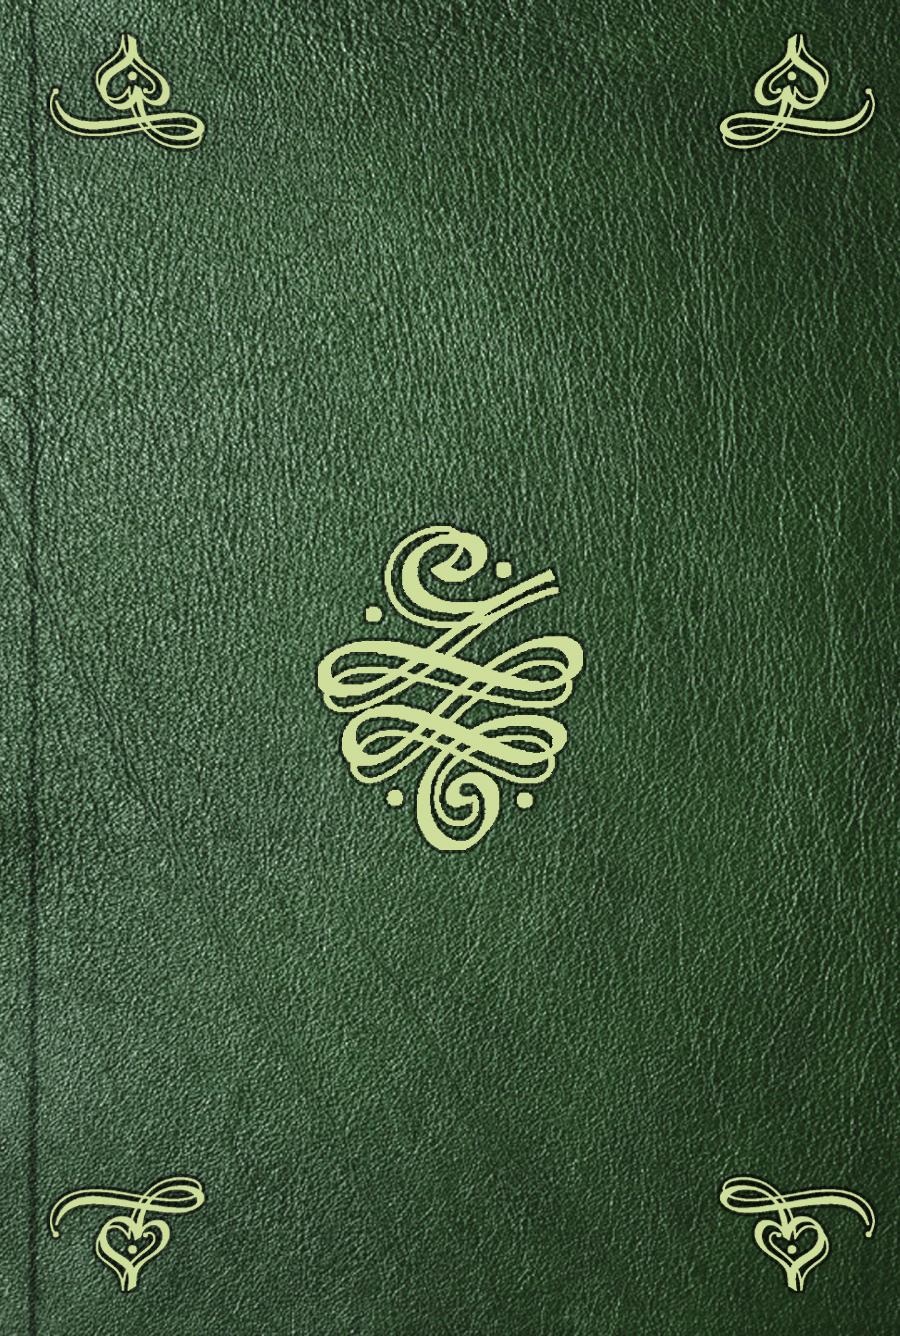 Charles Bonnet Oeuvres d'histoire naturelle et de philosophie. T. 17 charles bonnet oeuvres d histoire naturelle et de philosophie t 16